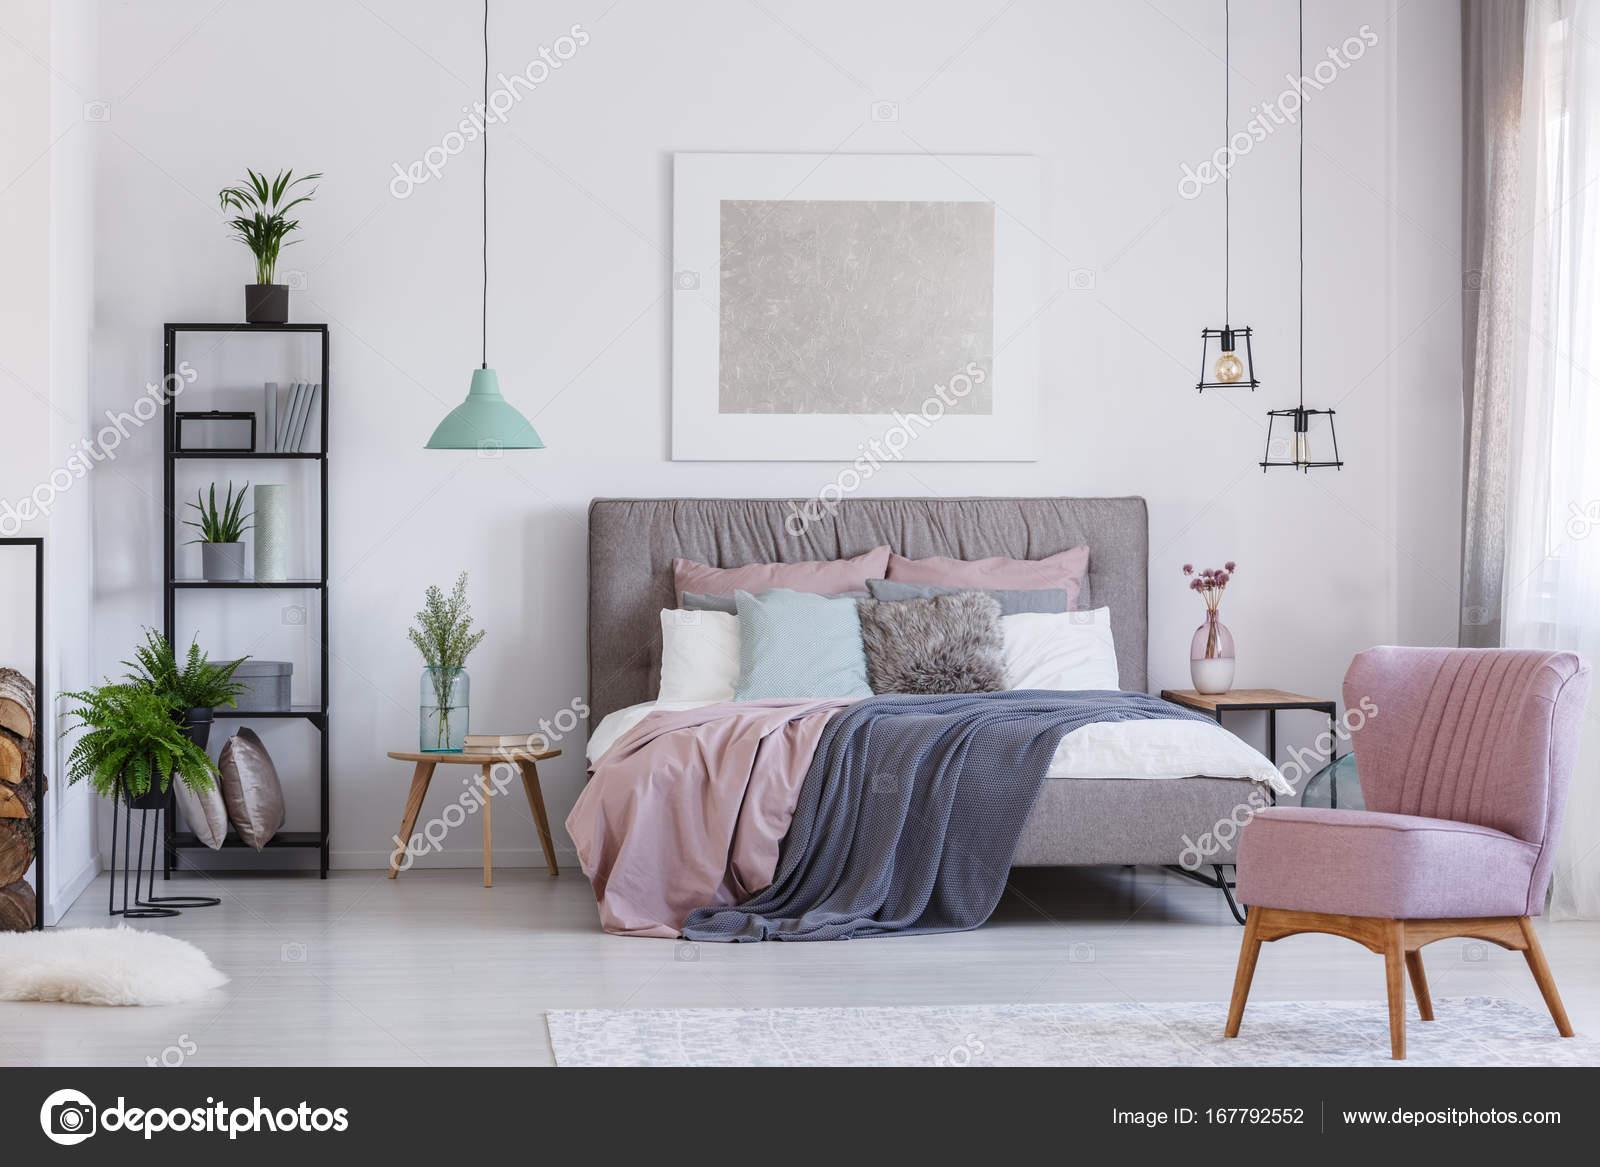 Stoel Voor Op Slaapkamer.Roze Stoel In Schattig Slaapkamer Stockfoto C Photographee Eu